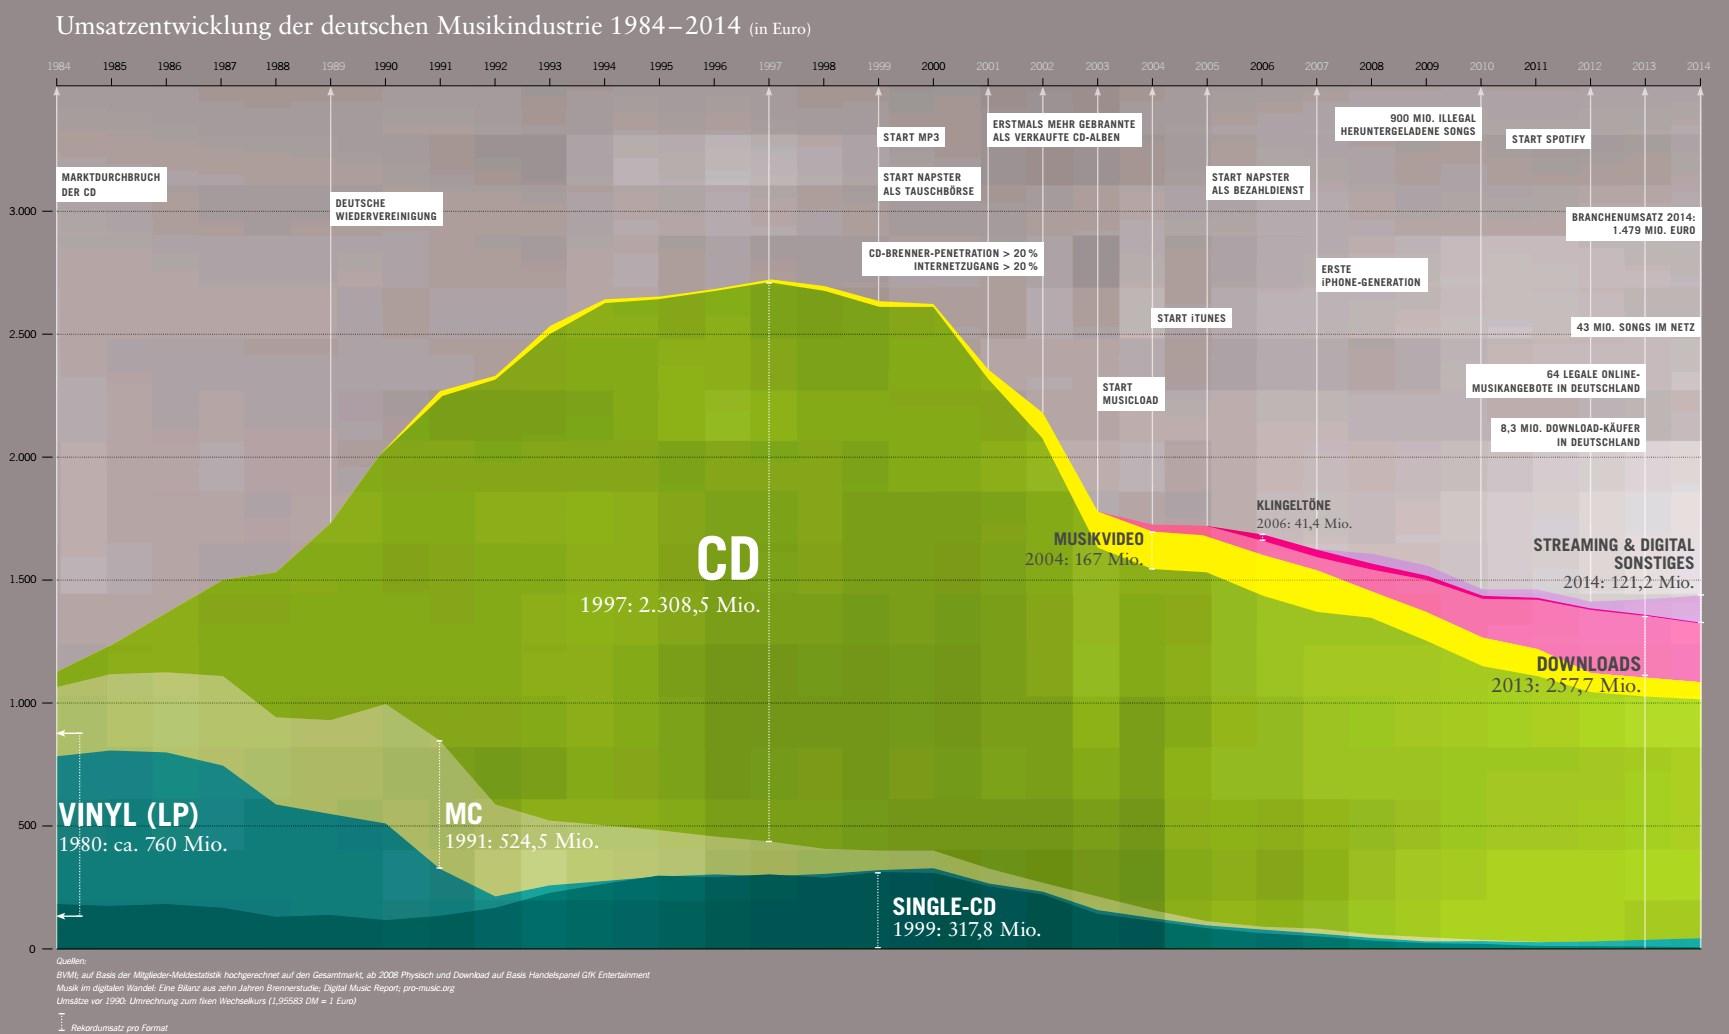 Quelle: Musikindustrie in Zahlen 2014 - BVMI